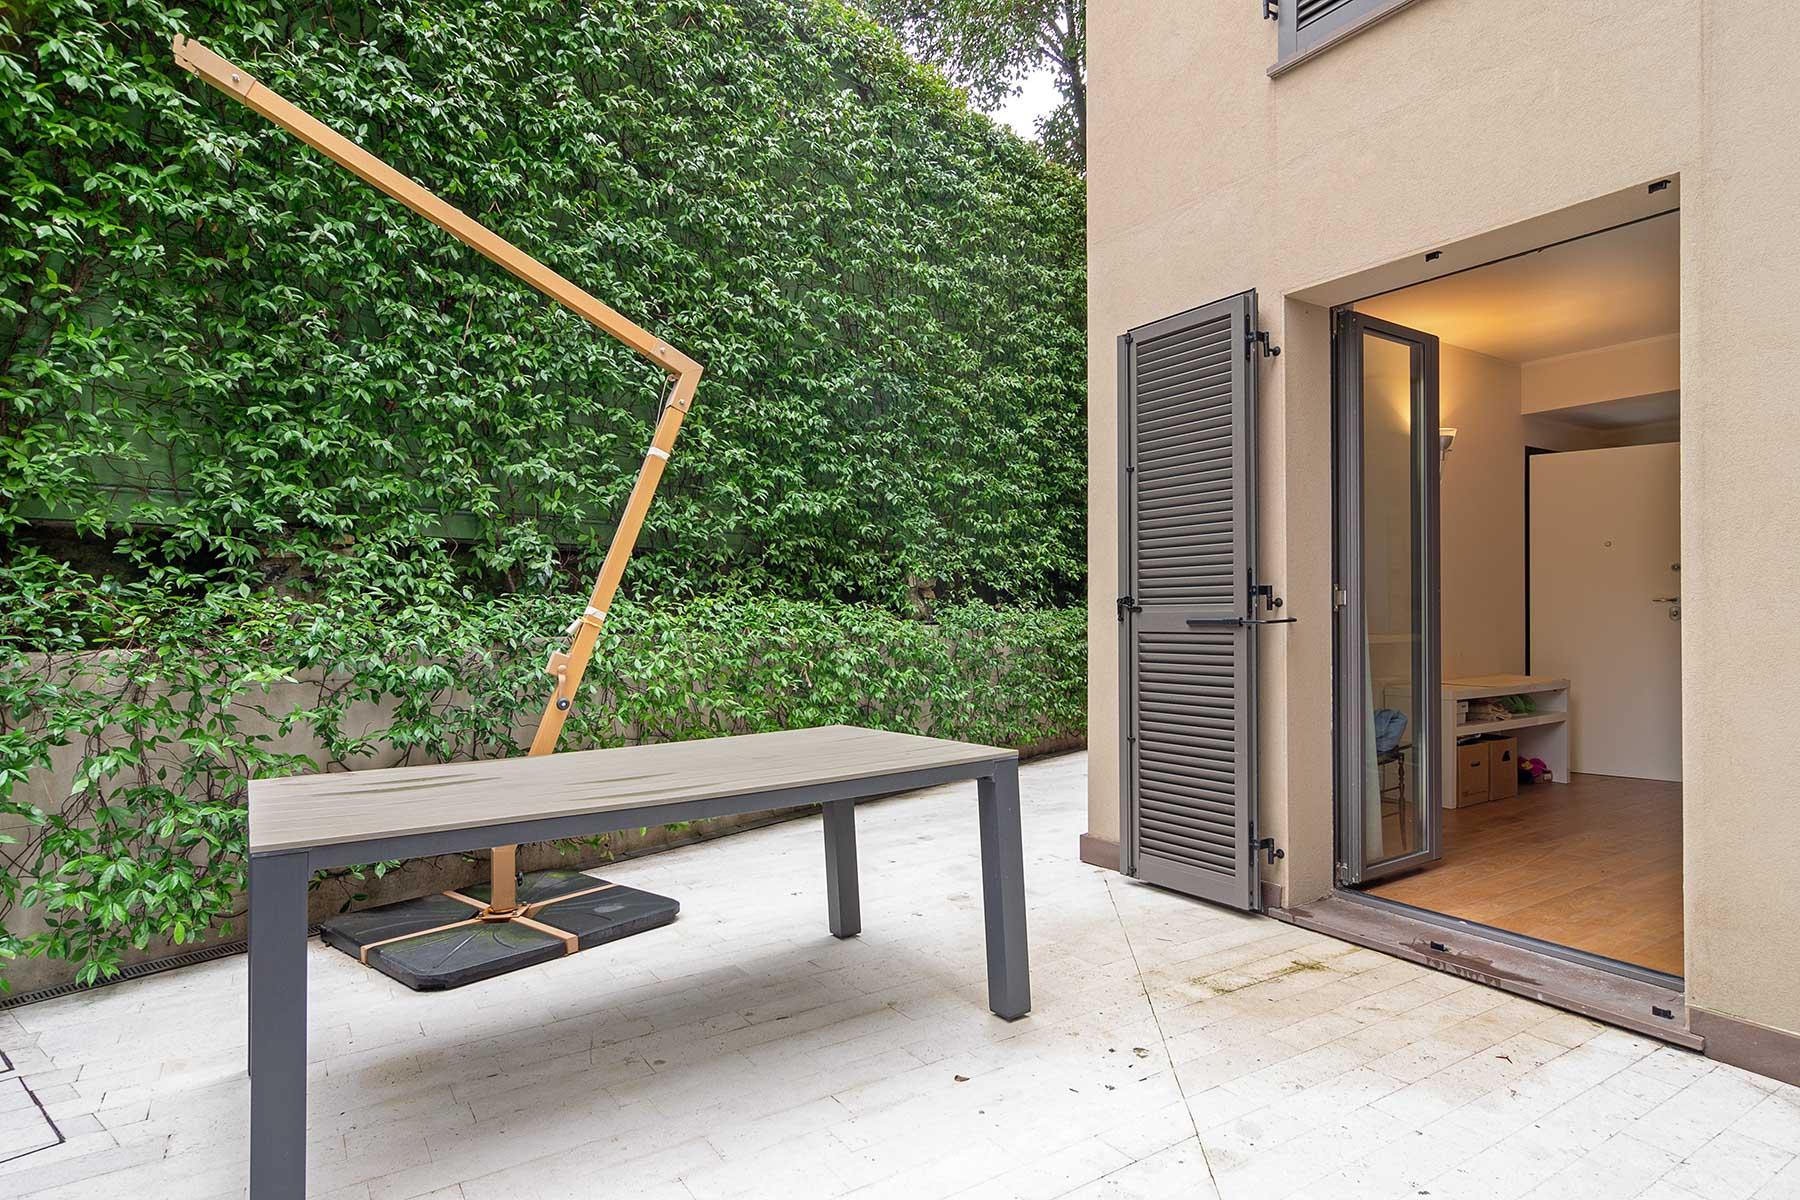 Appartamento in Vendita a Santa Margherita Ligure: 4 locali, 124 mq - Foto 14